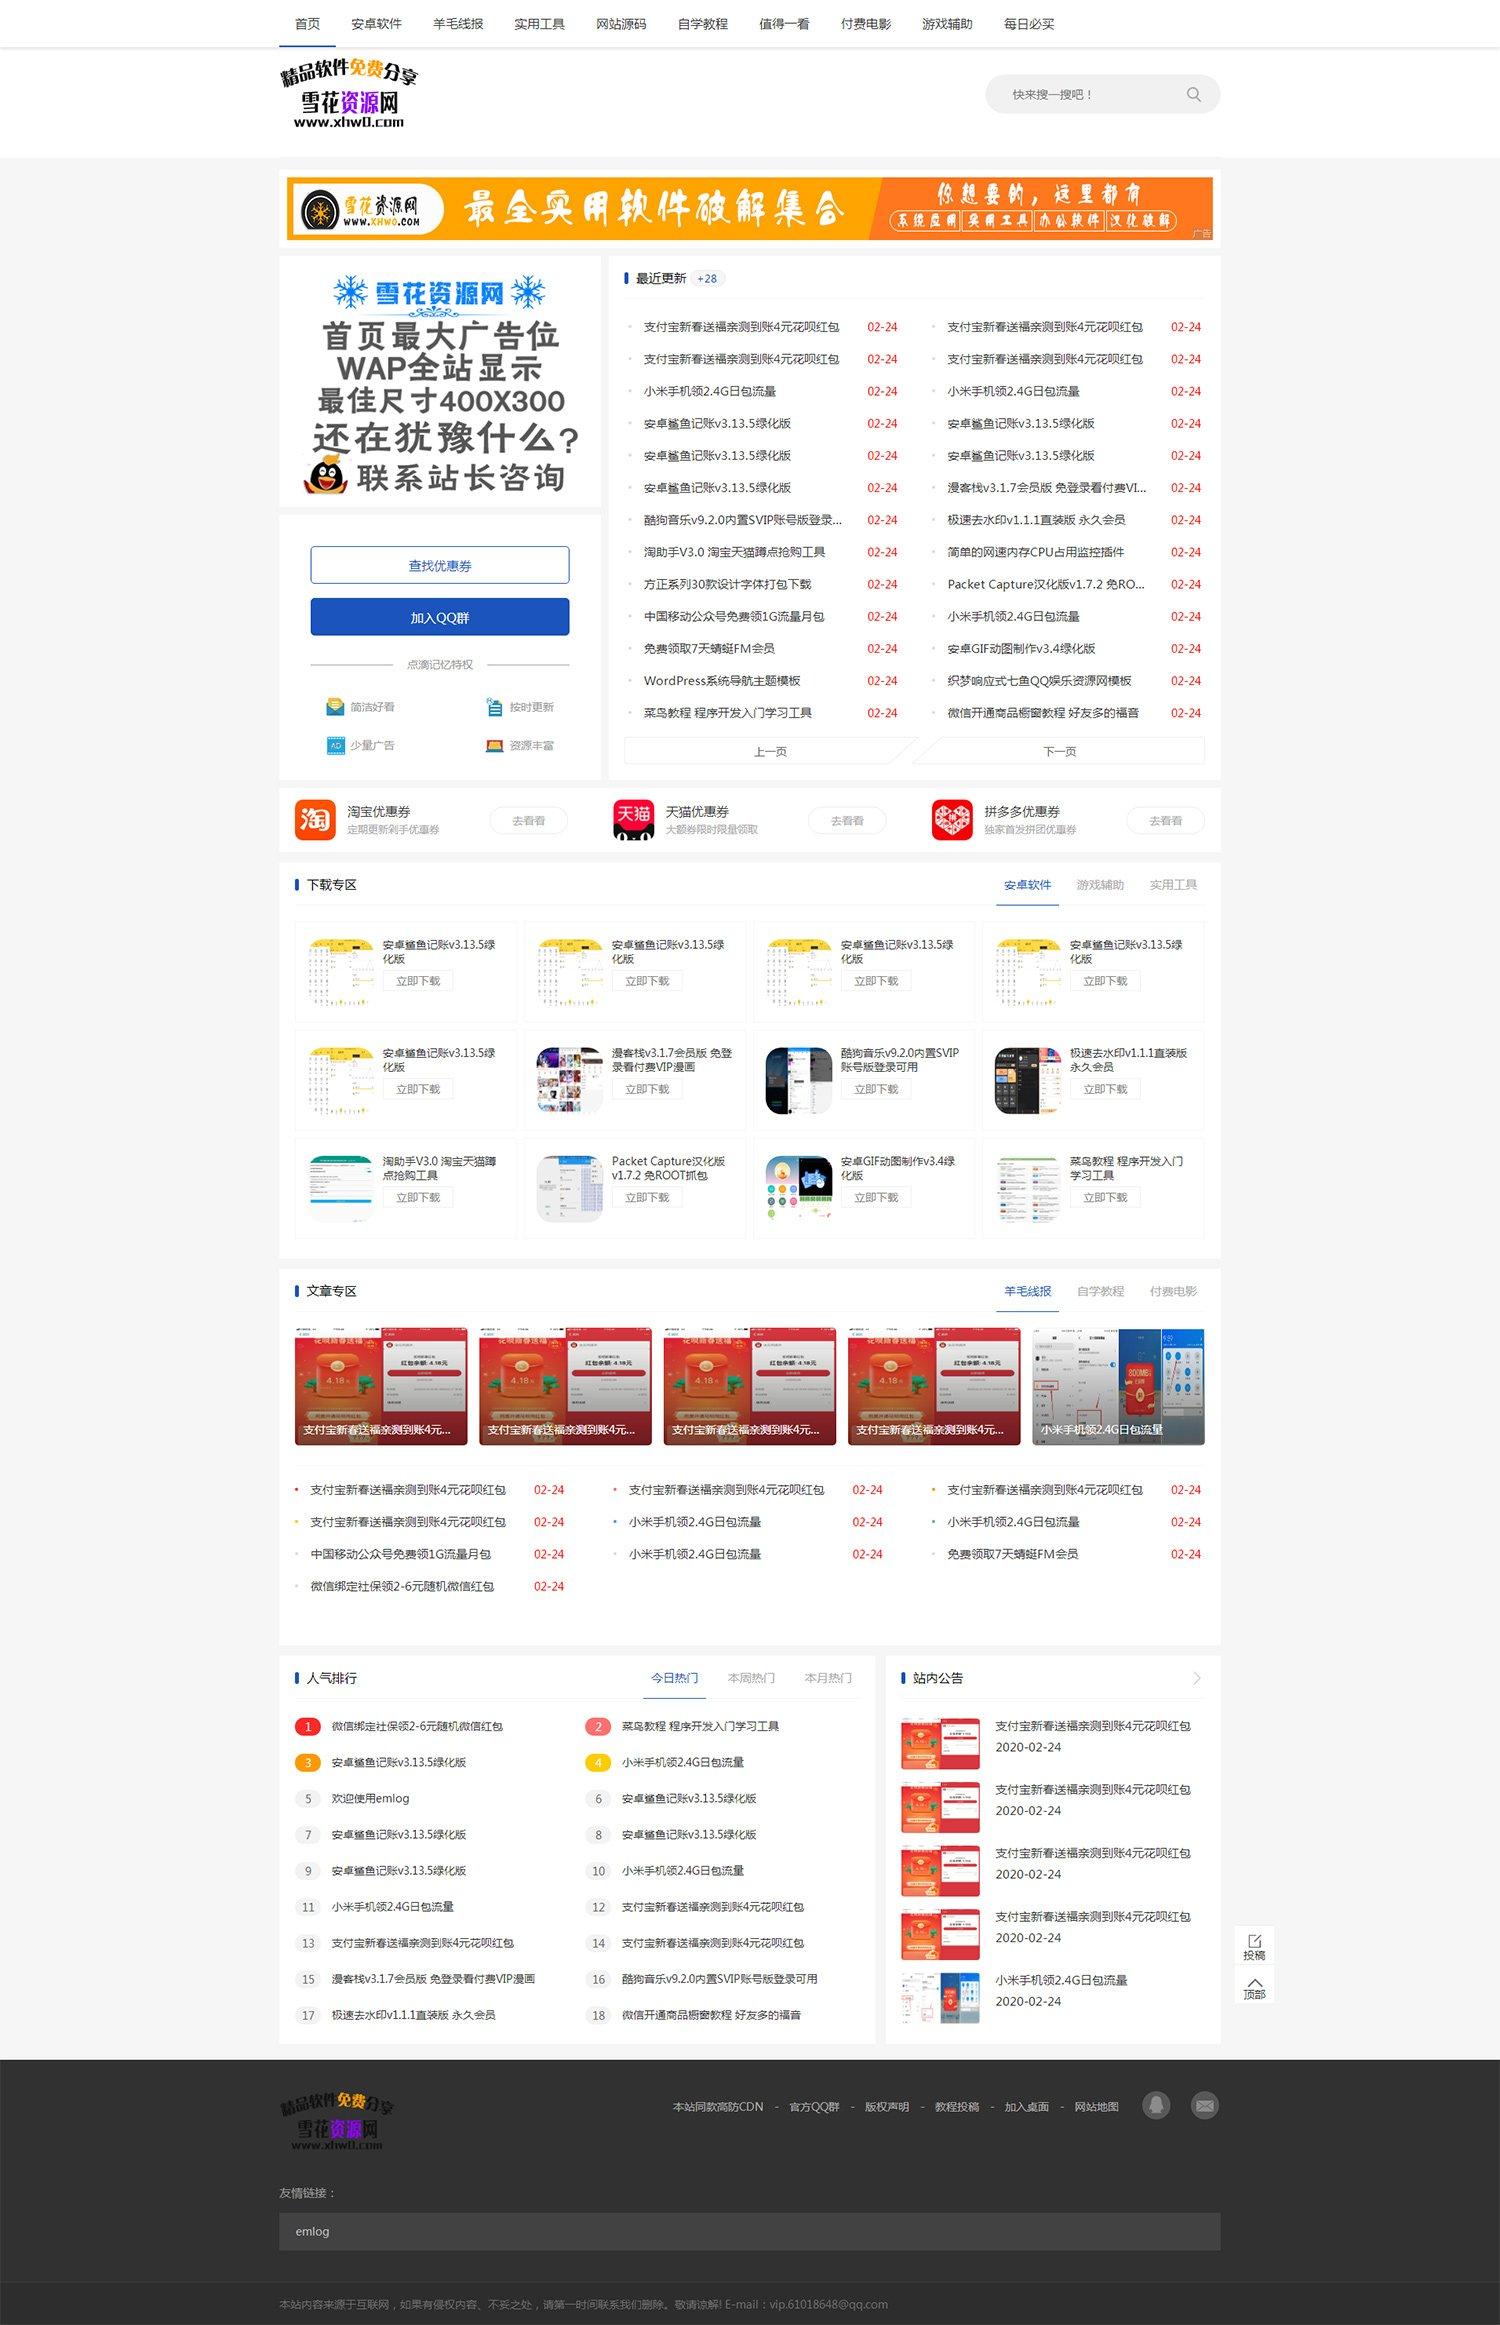 【仿小刀娱乐网】晗枫Emlog系统高仿小万资源网模板修复版